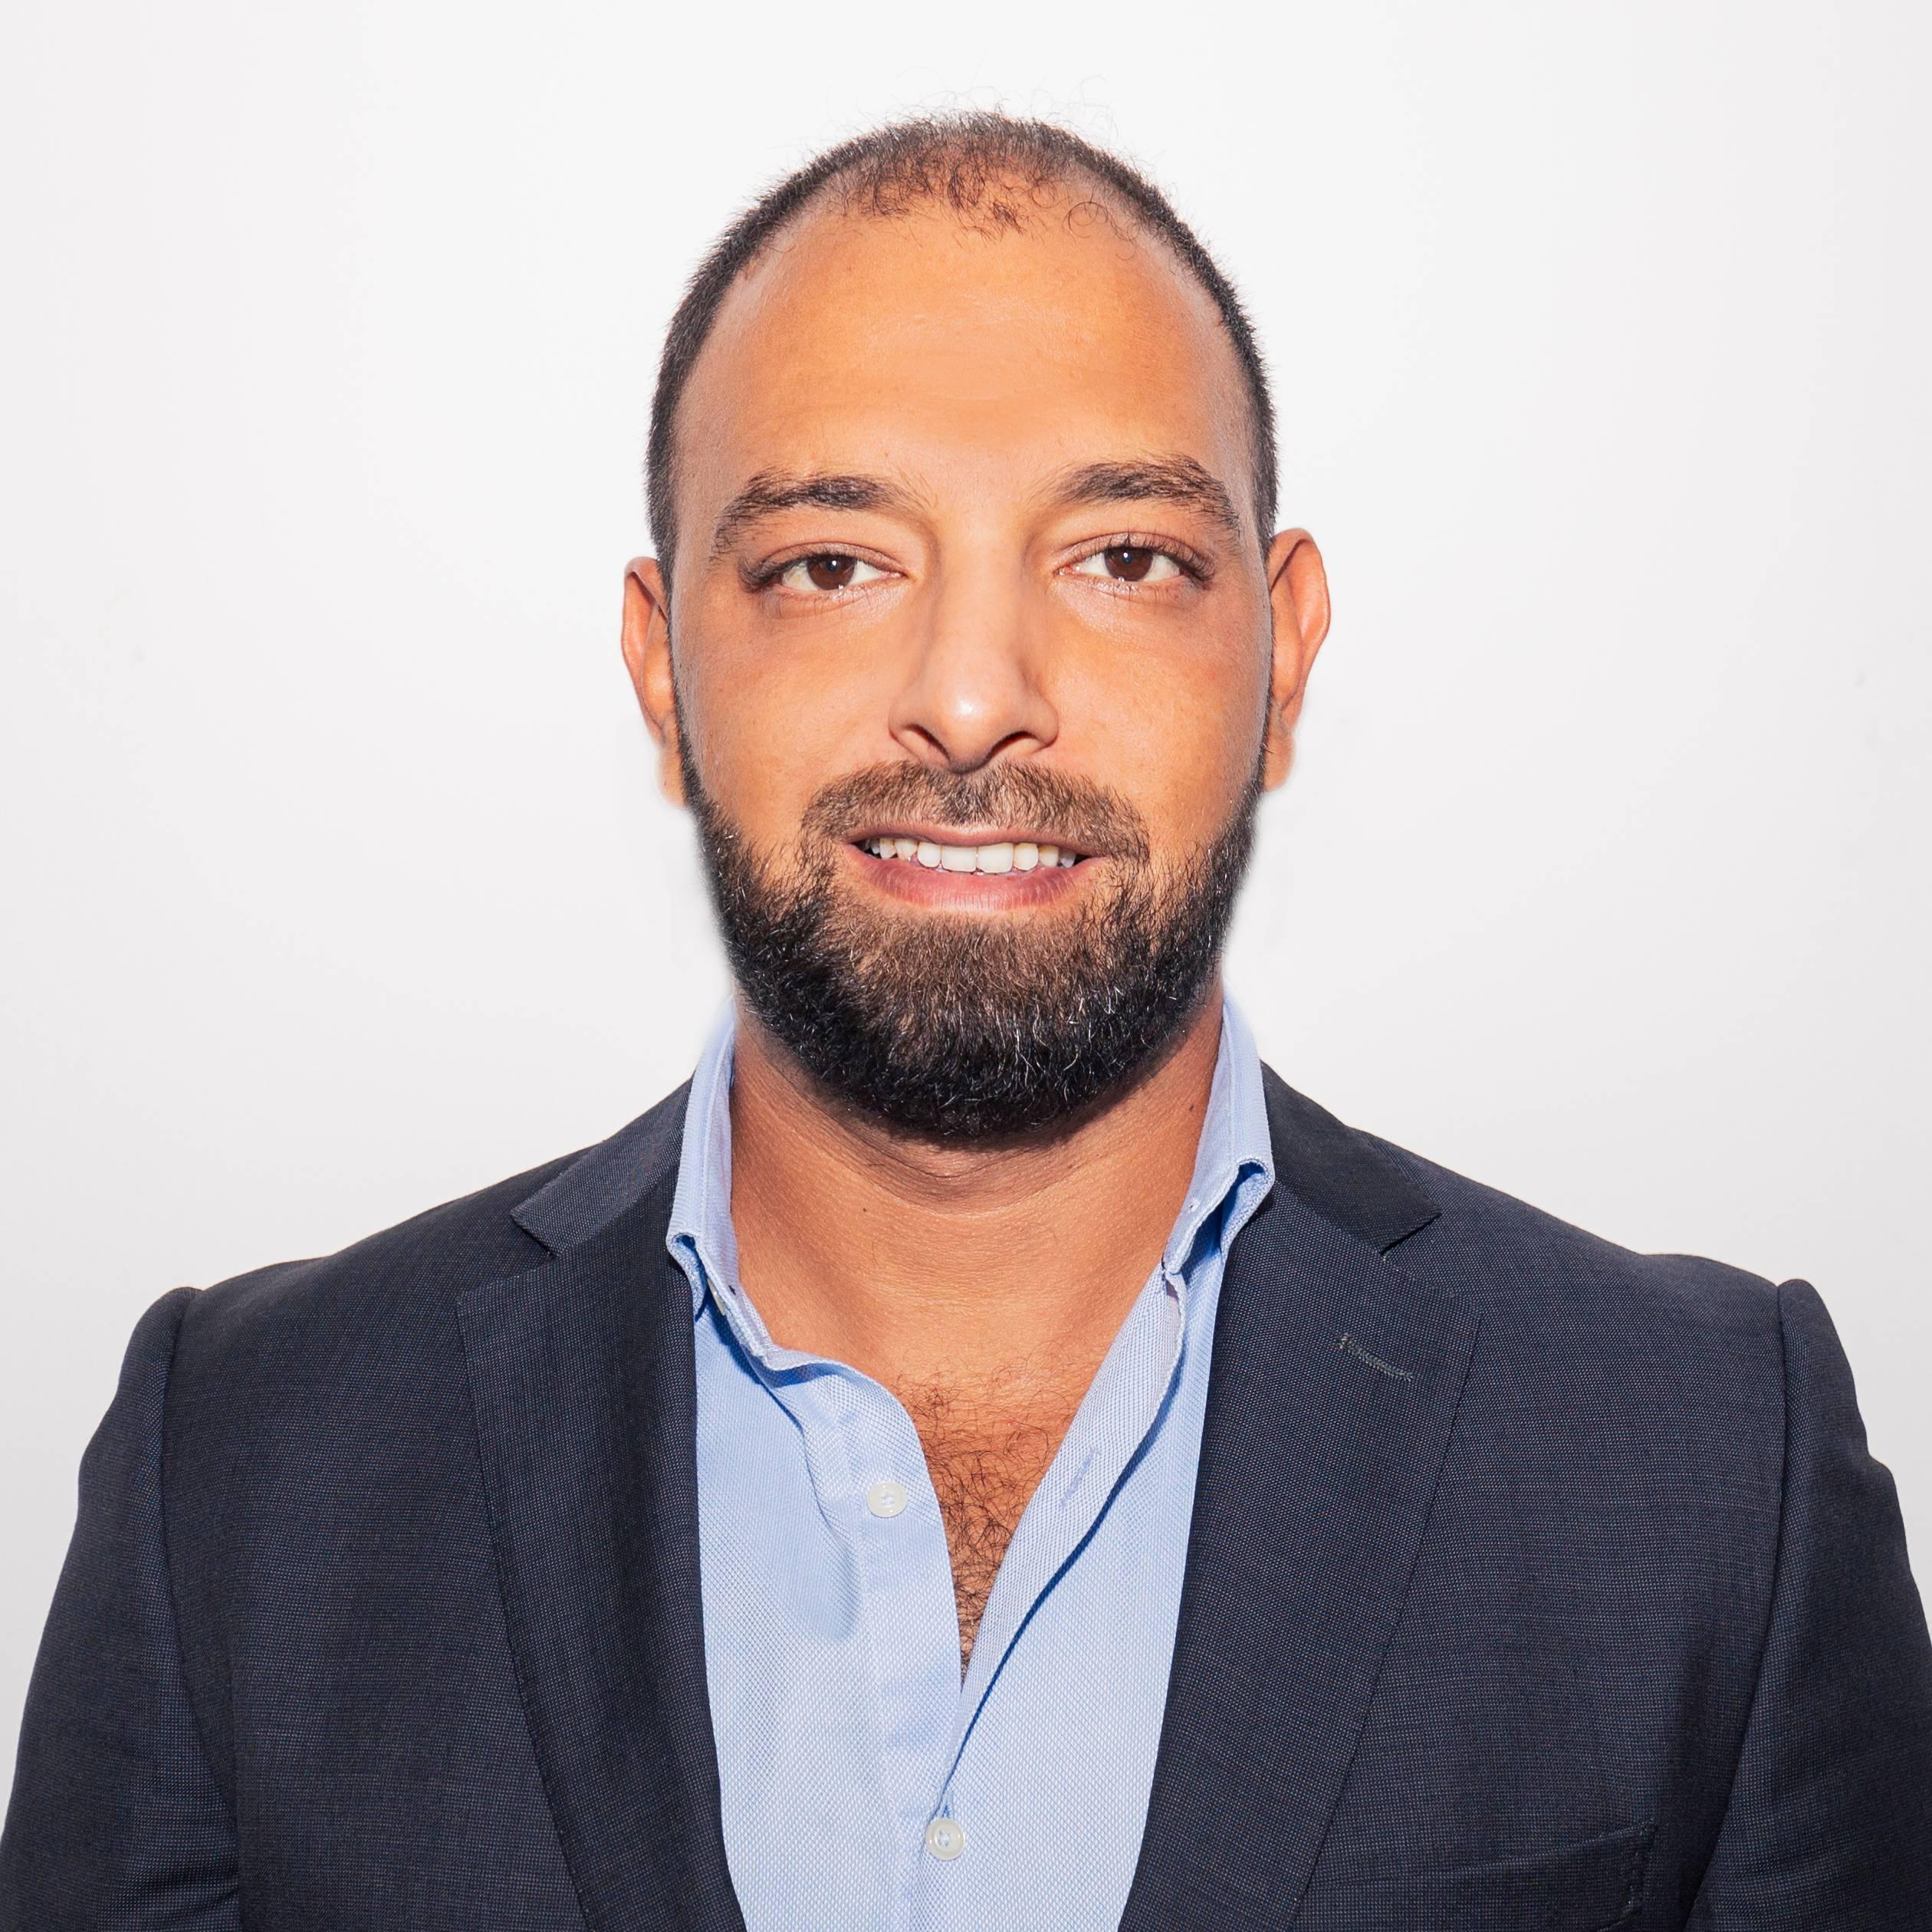 Ahmad Bahbouh